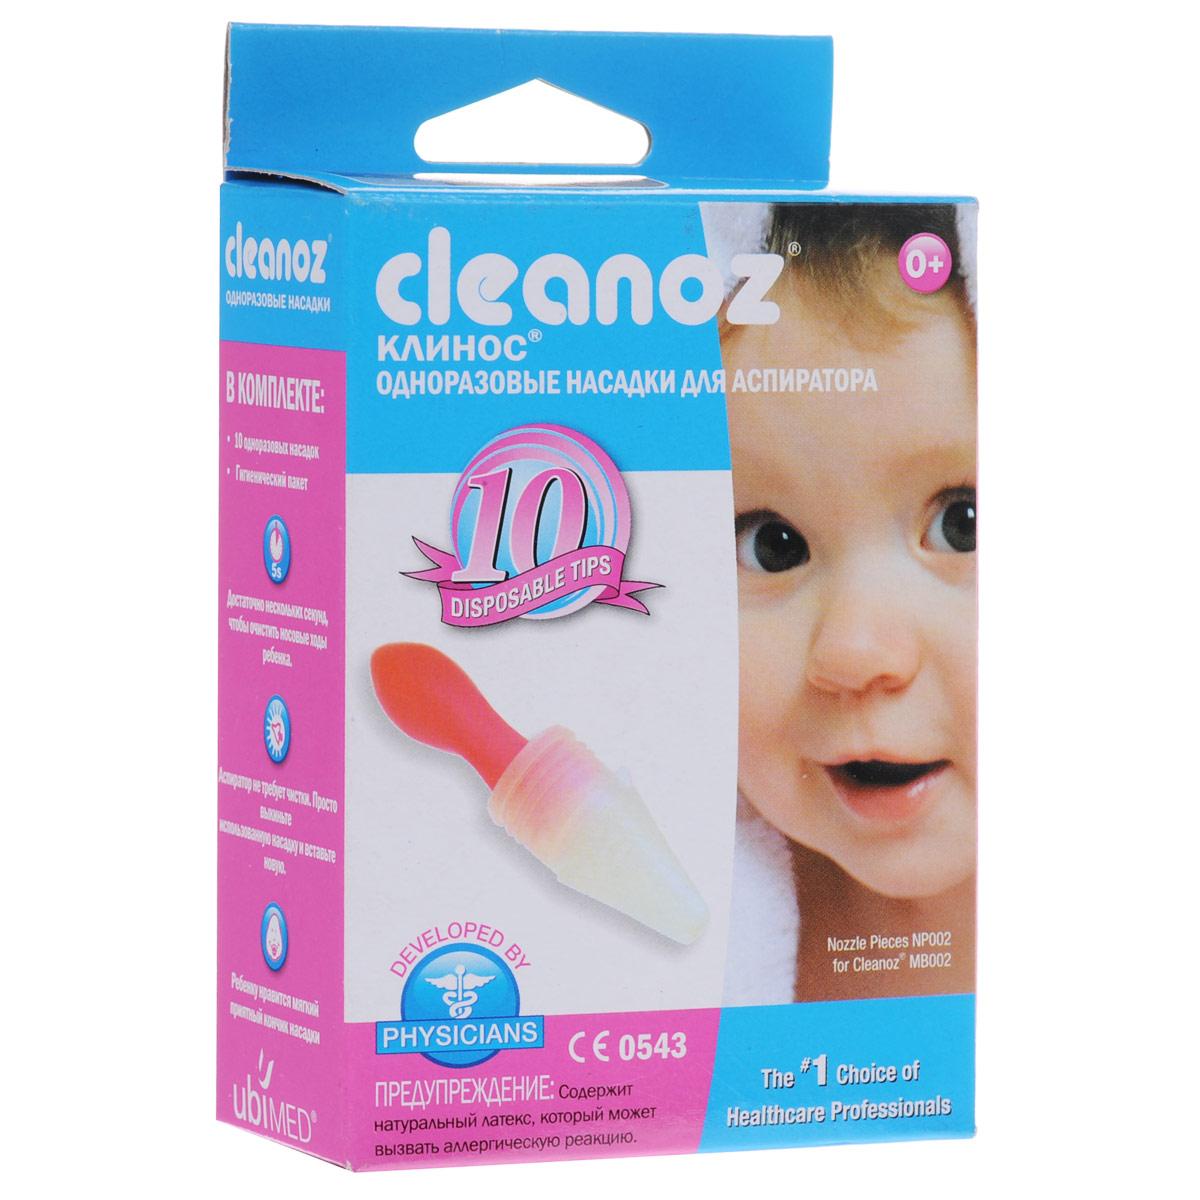 """Давно прошли те дни, когда вы пользовались аспиратором с резиновой грушей, который неудобно держать, трудно использовать и чистить. Теперь есть более легкий путь! Одноразовые насадки предназначены для аспиратора """"Cleanoz"""", который разработан врачами для младенцев и детей младшего возраста. Аспиратор """"Cleanoz"""" быстро, эффективно и безопасно поможет облегчить дыхание ребенка. Аспиратор не требует чистки. Просто выкиньте использованную насадку и вставьте новую. В комплекте 10 насадок. Содержат латекс."""